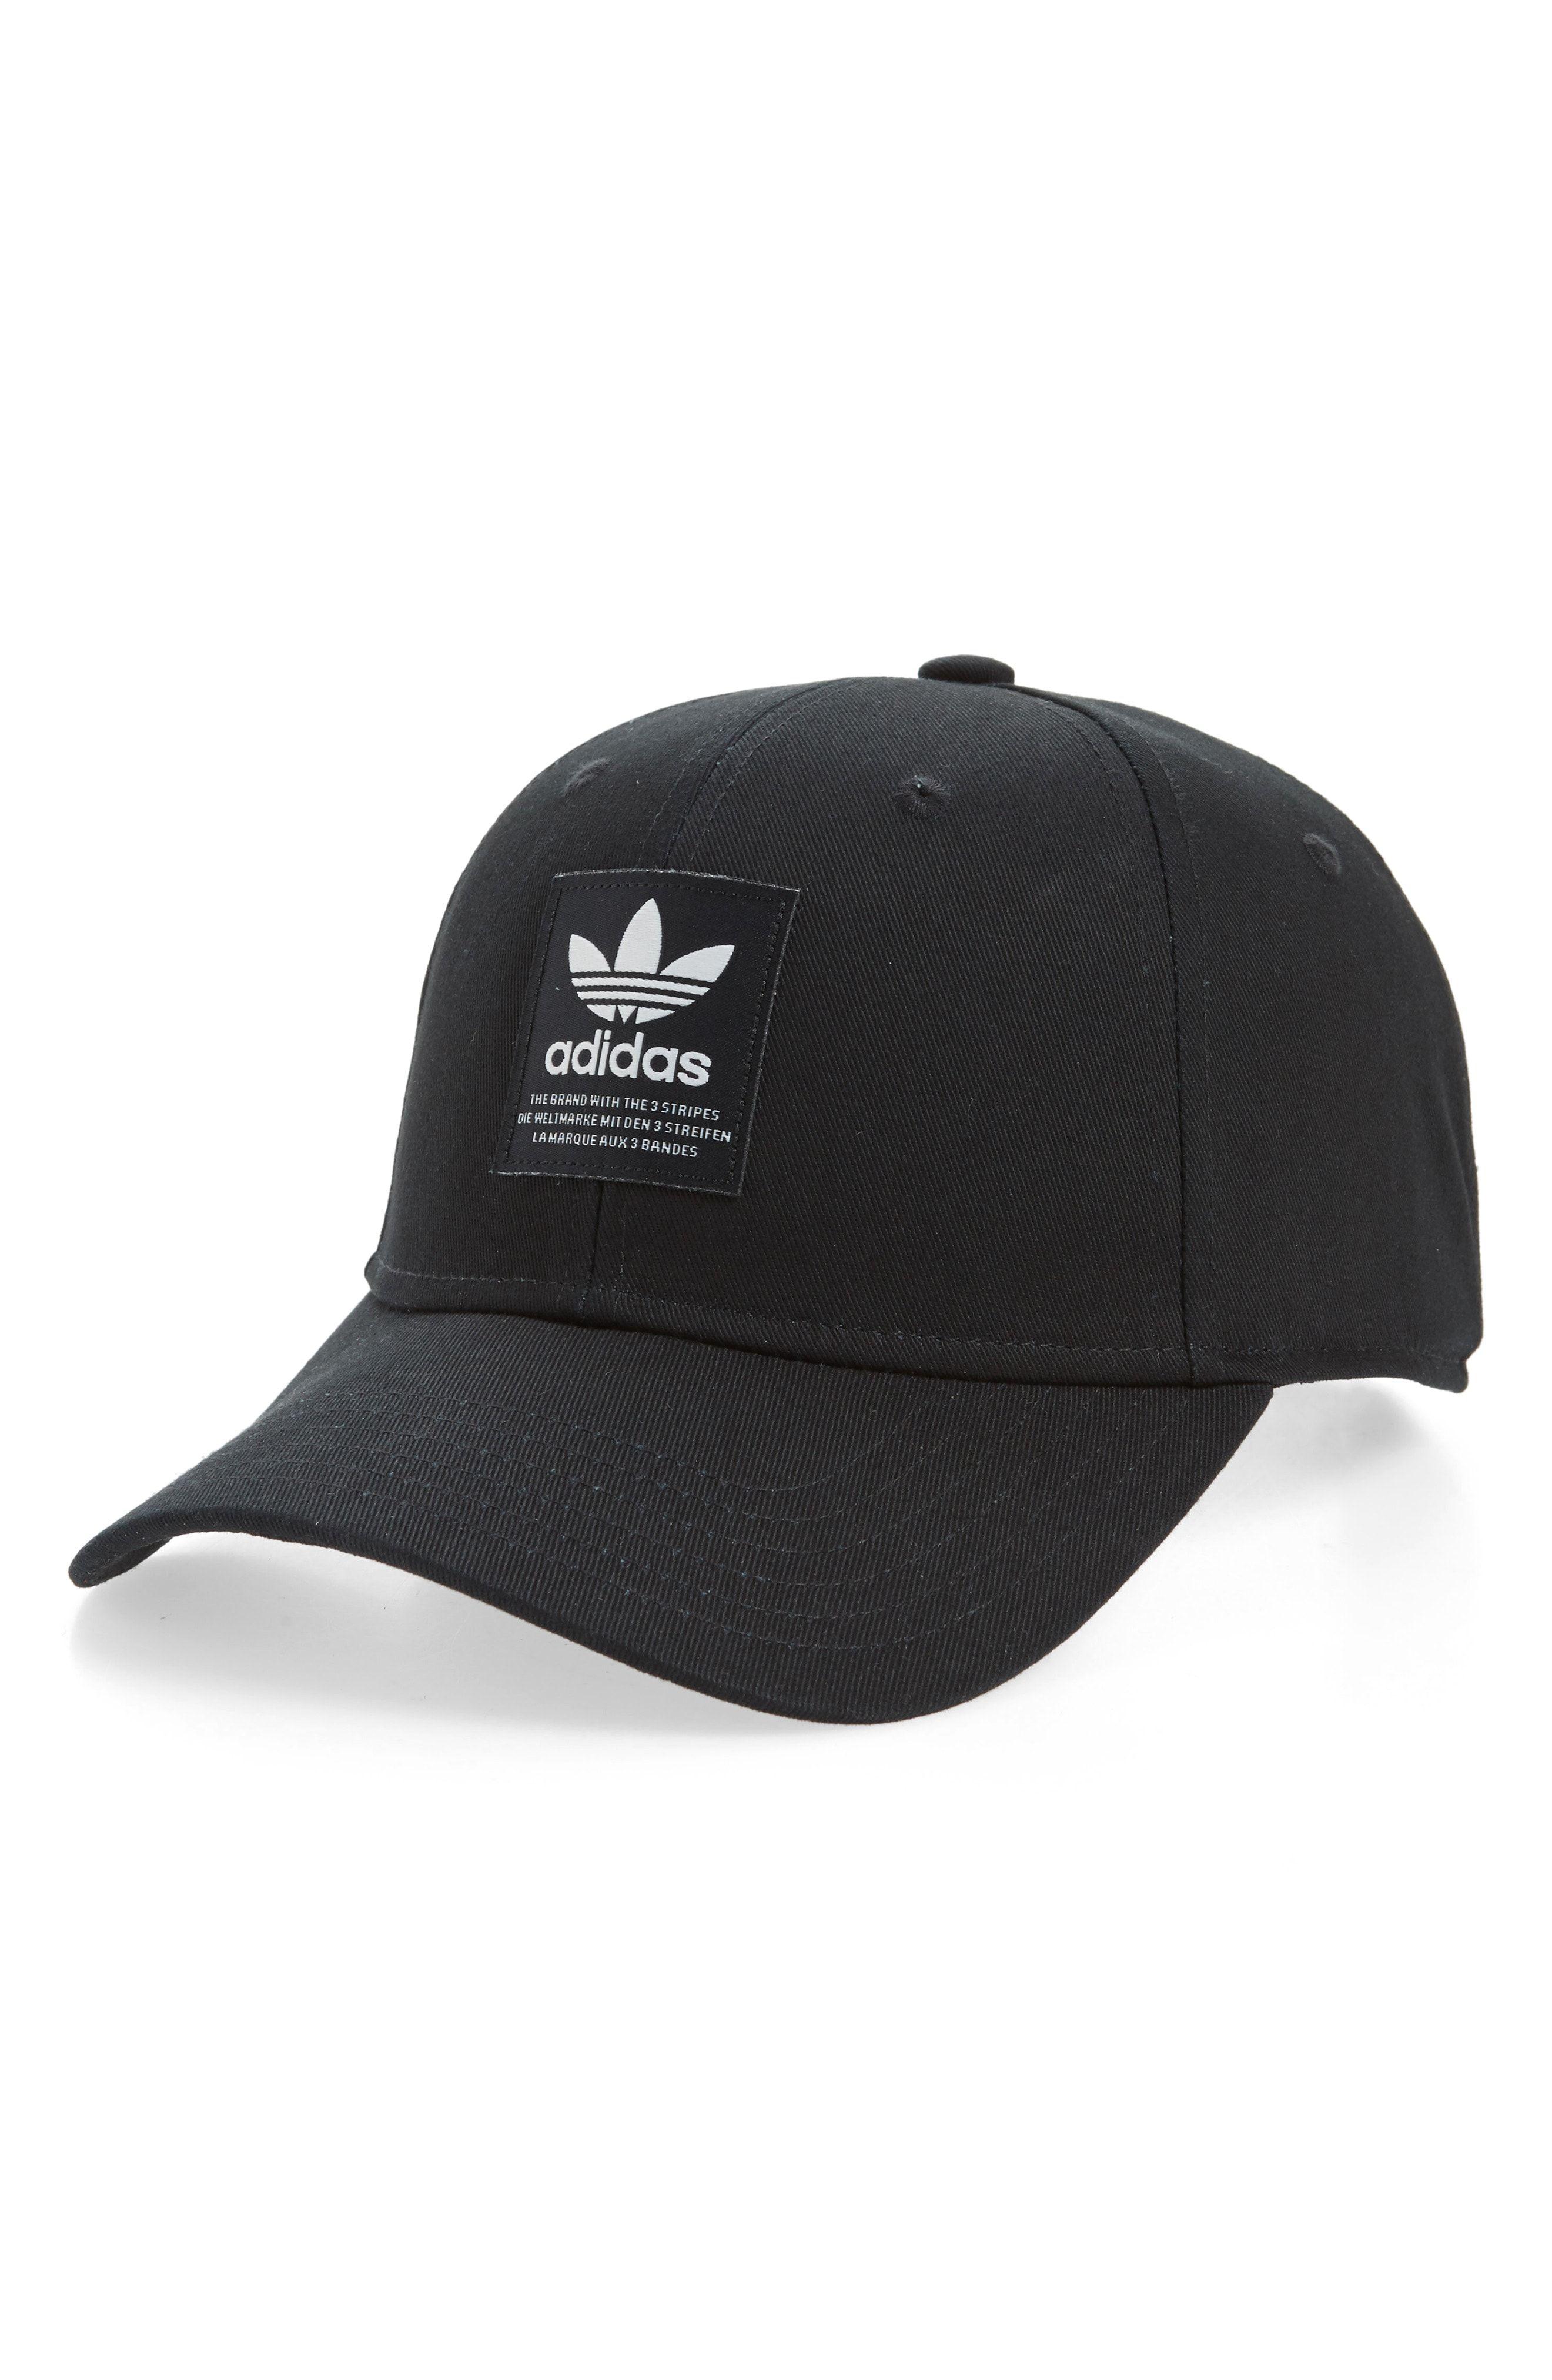 d834a23e34b ADIDAS ORIGINALS PATCH BASEBALL CAP - BLACK.  adidasoriginals Square Logo